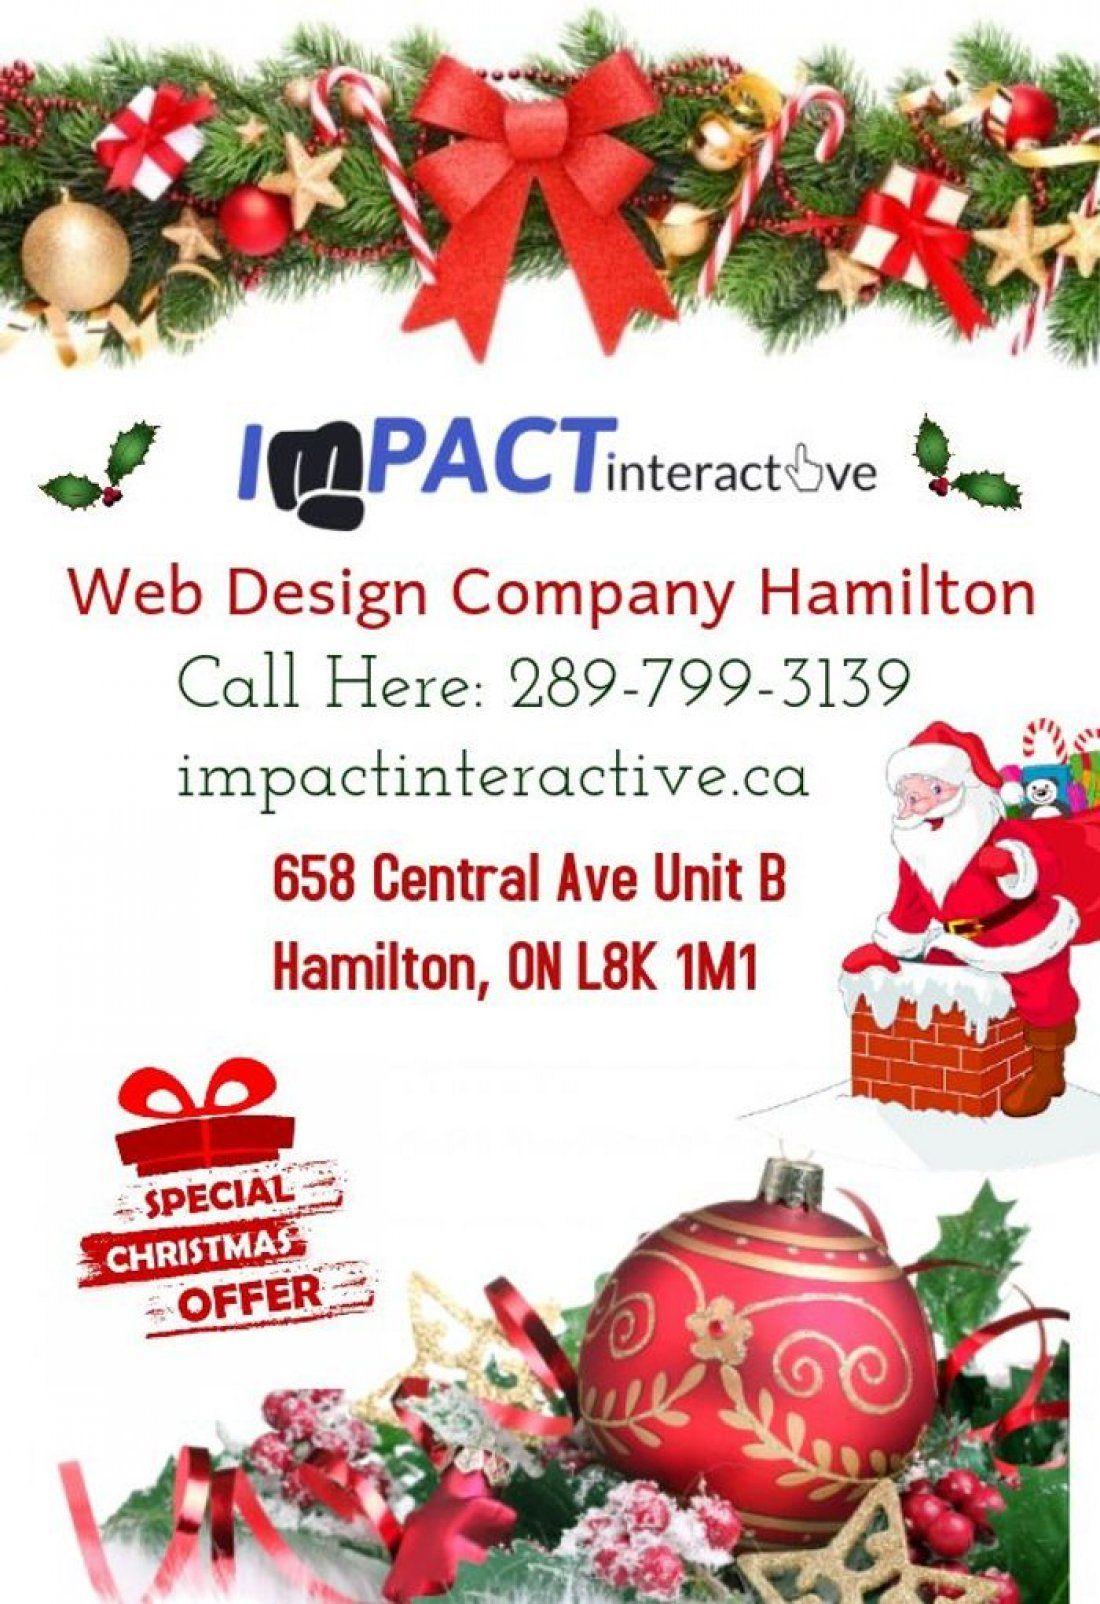 Christmas Special Offer- Web Design Company Hamilton